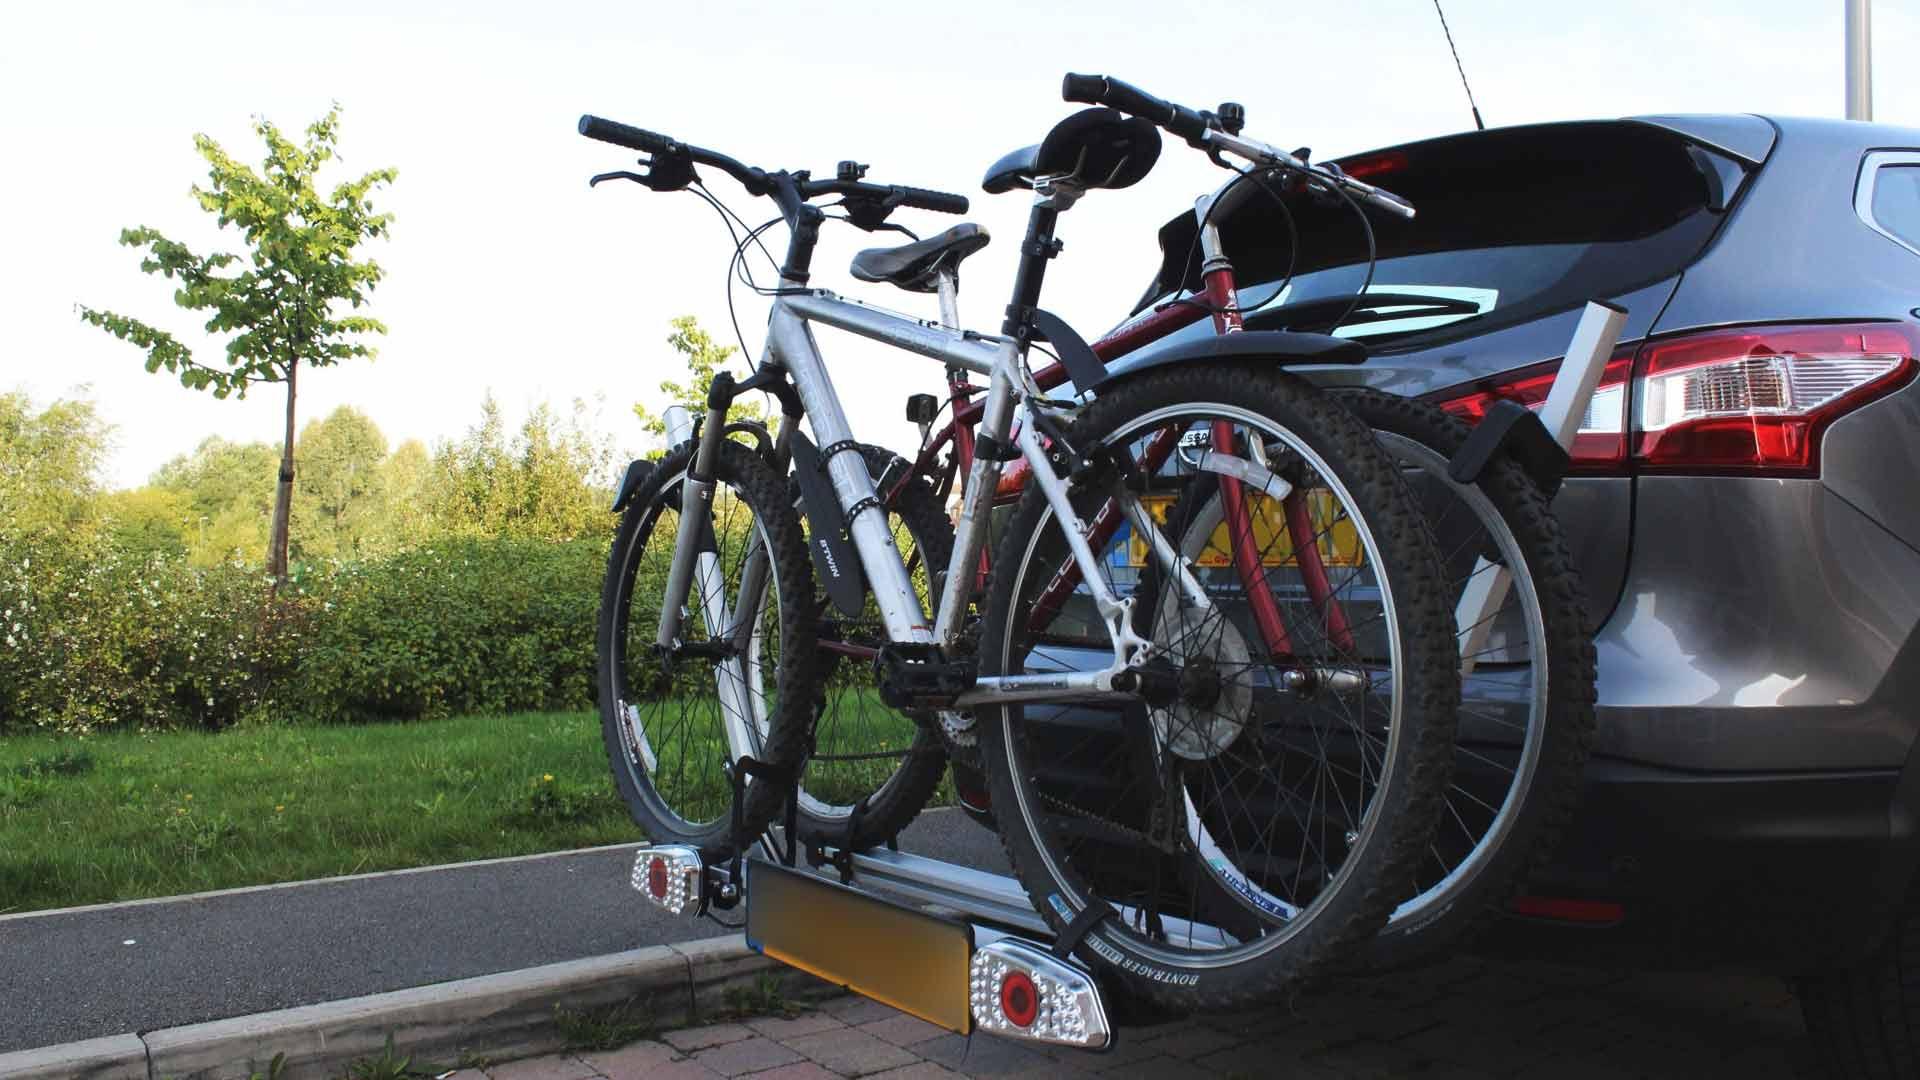 nissan qashqai bike rack